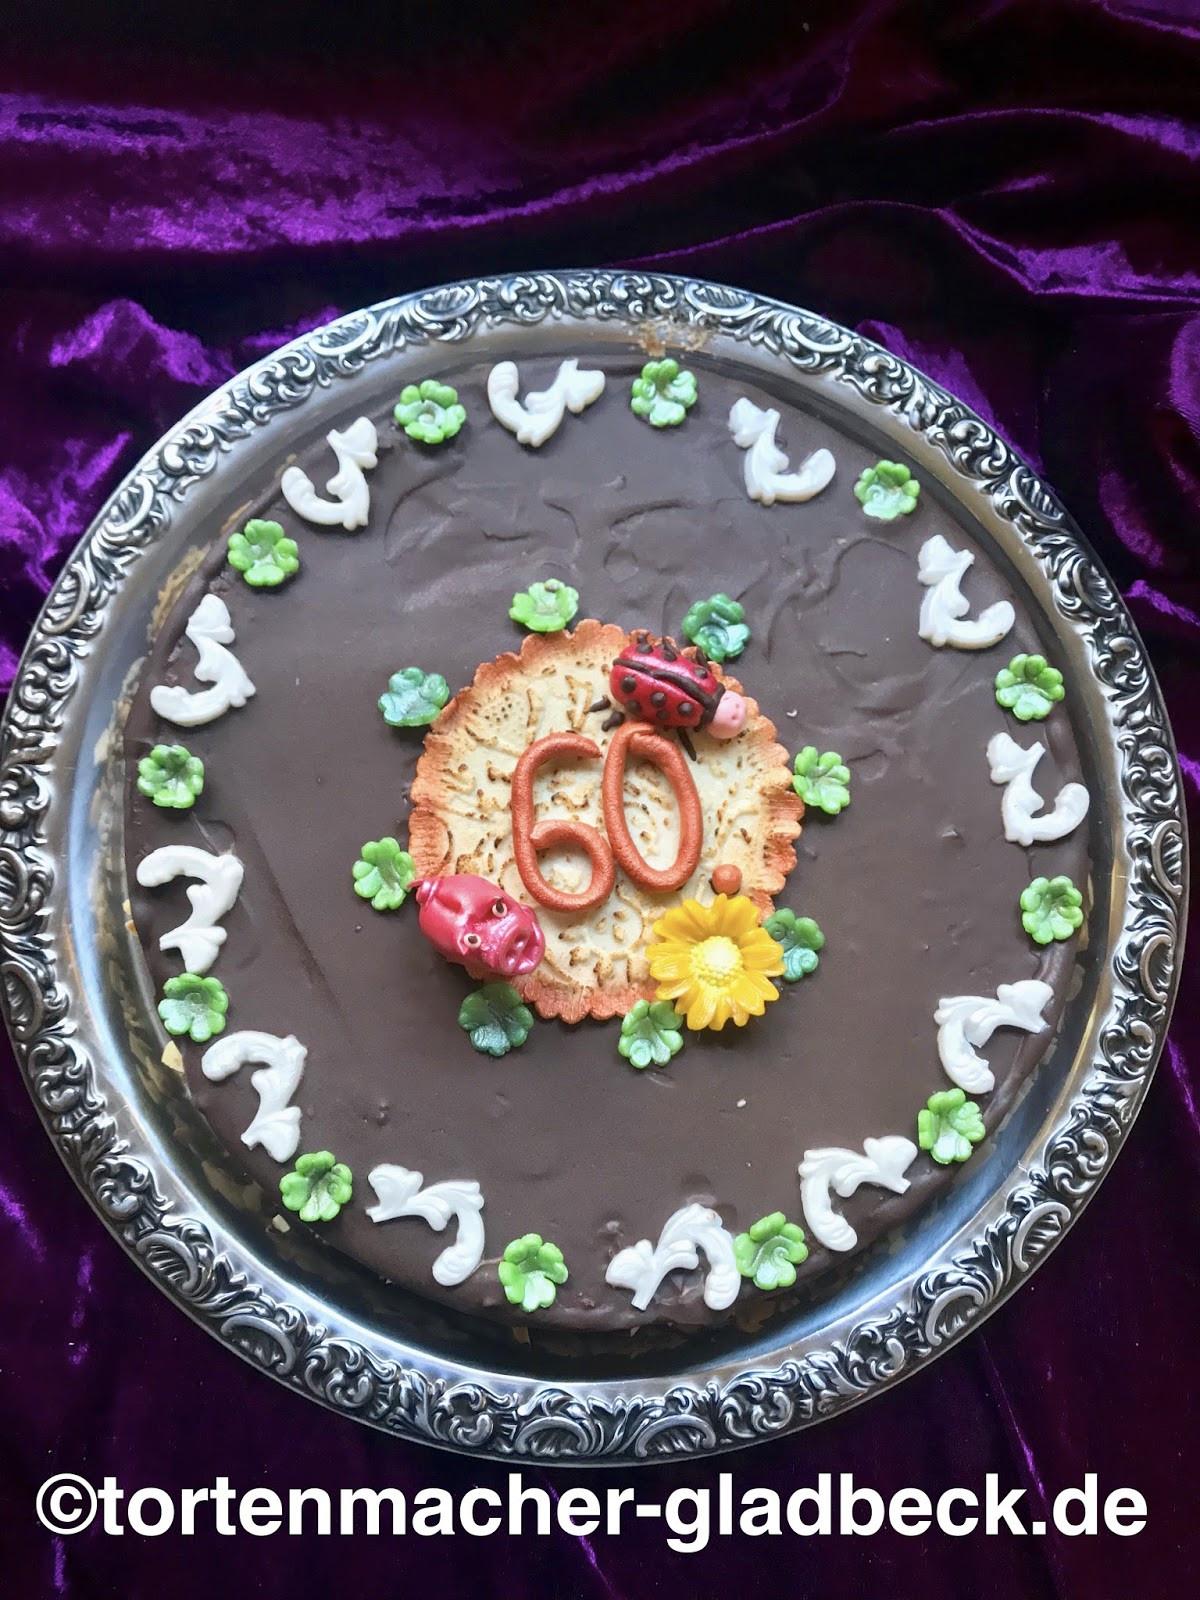 Geburtstagstorte 60  Der Tortenmacher Gladbeck Torten und Kuchen zum Geburtstag